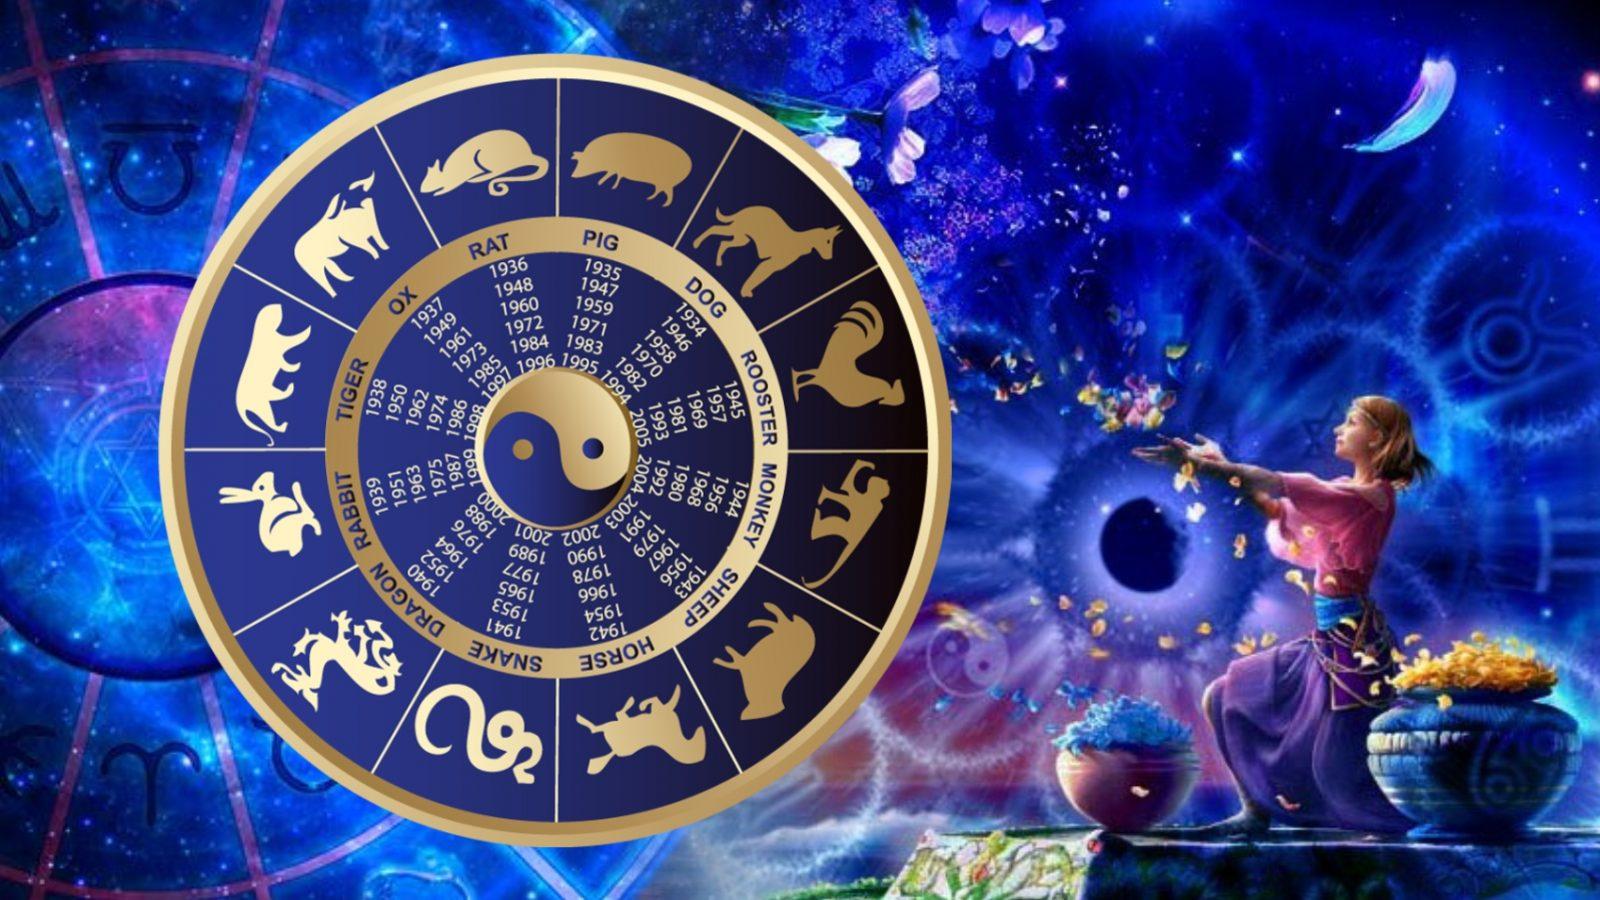 Создание гороскопа на сайте хартстоун сайт для создания карт